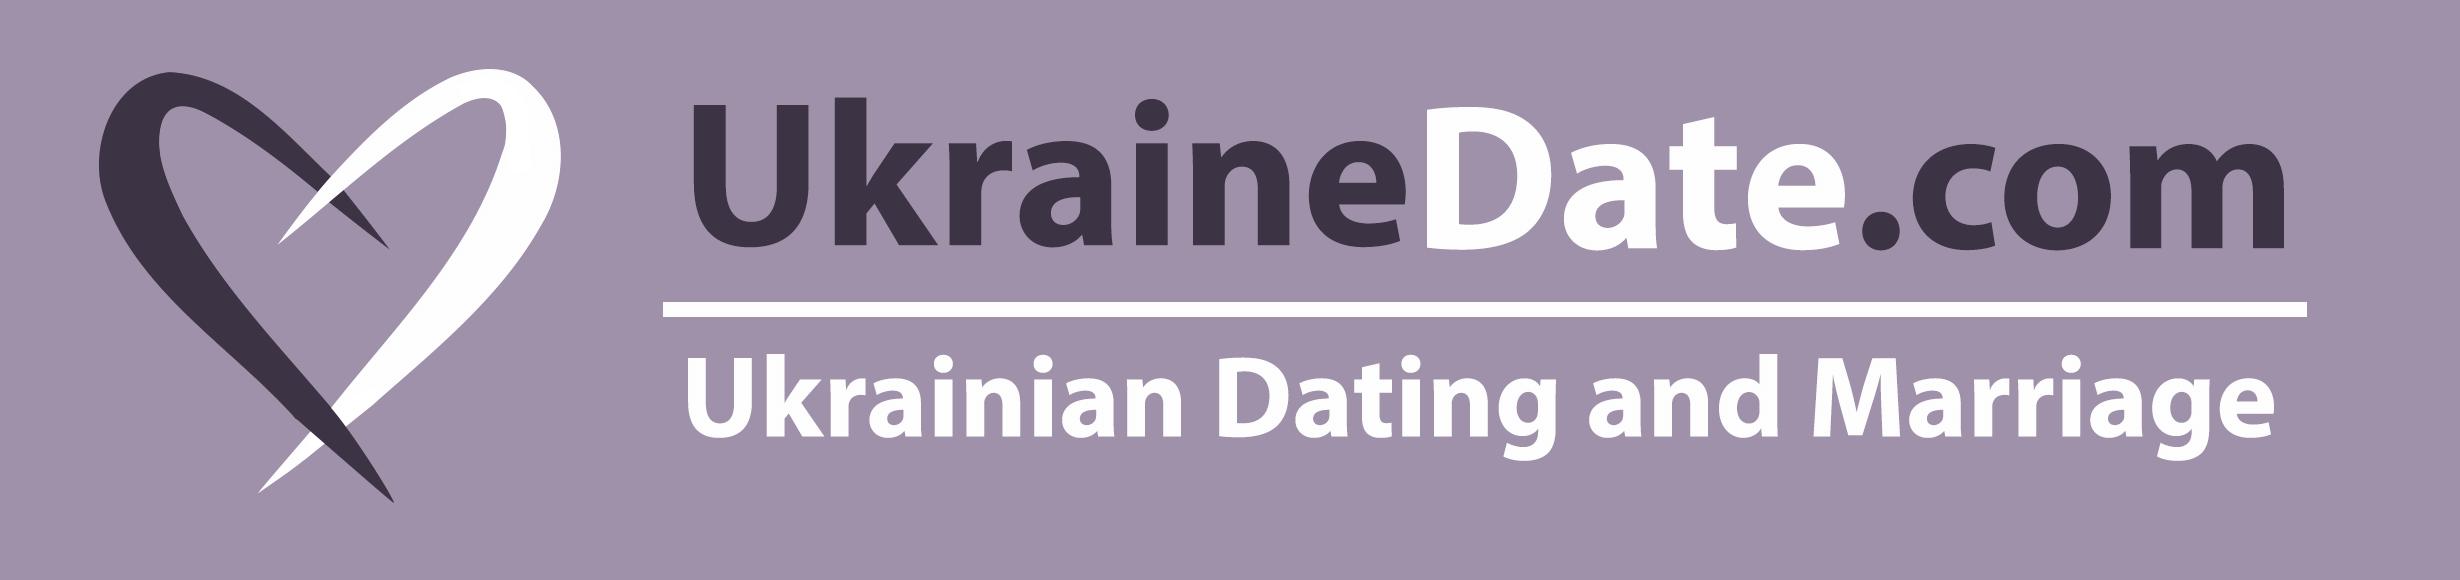 Ukraine Date in Review